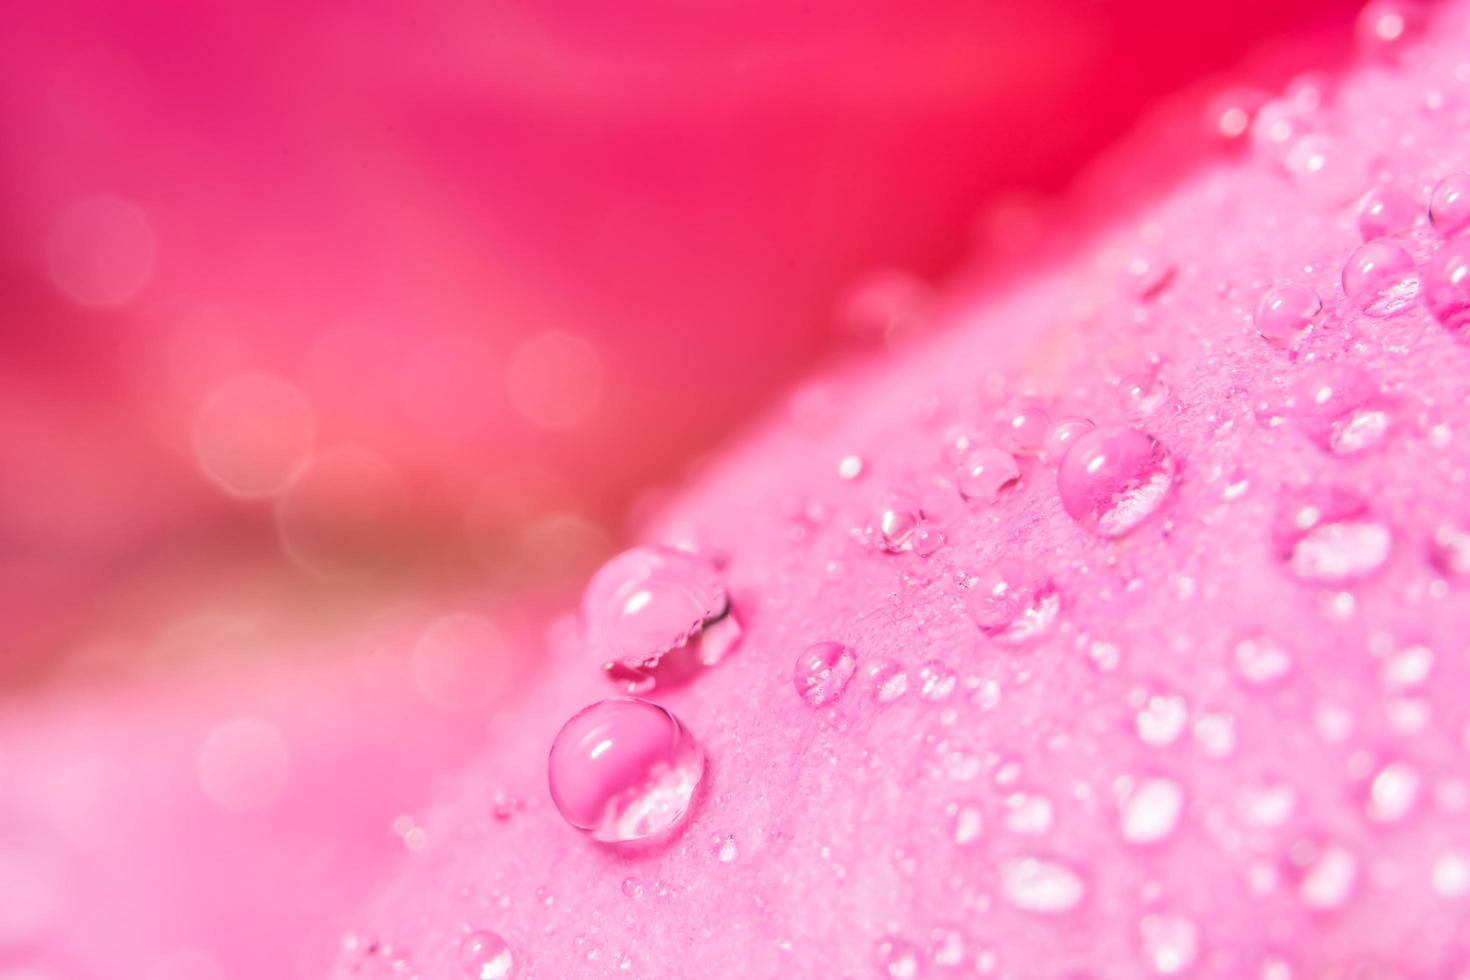 waterdruppels op rozenblaadjes foto